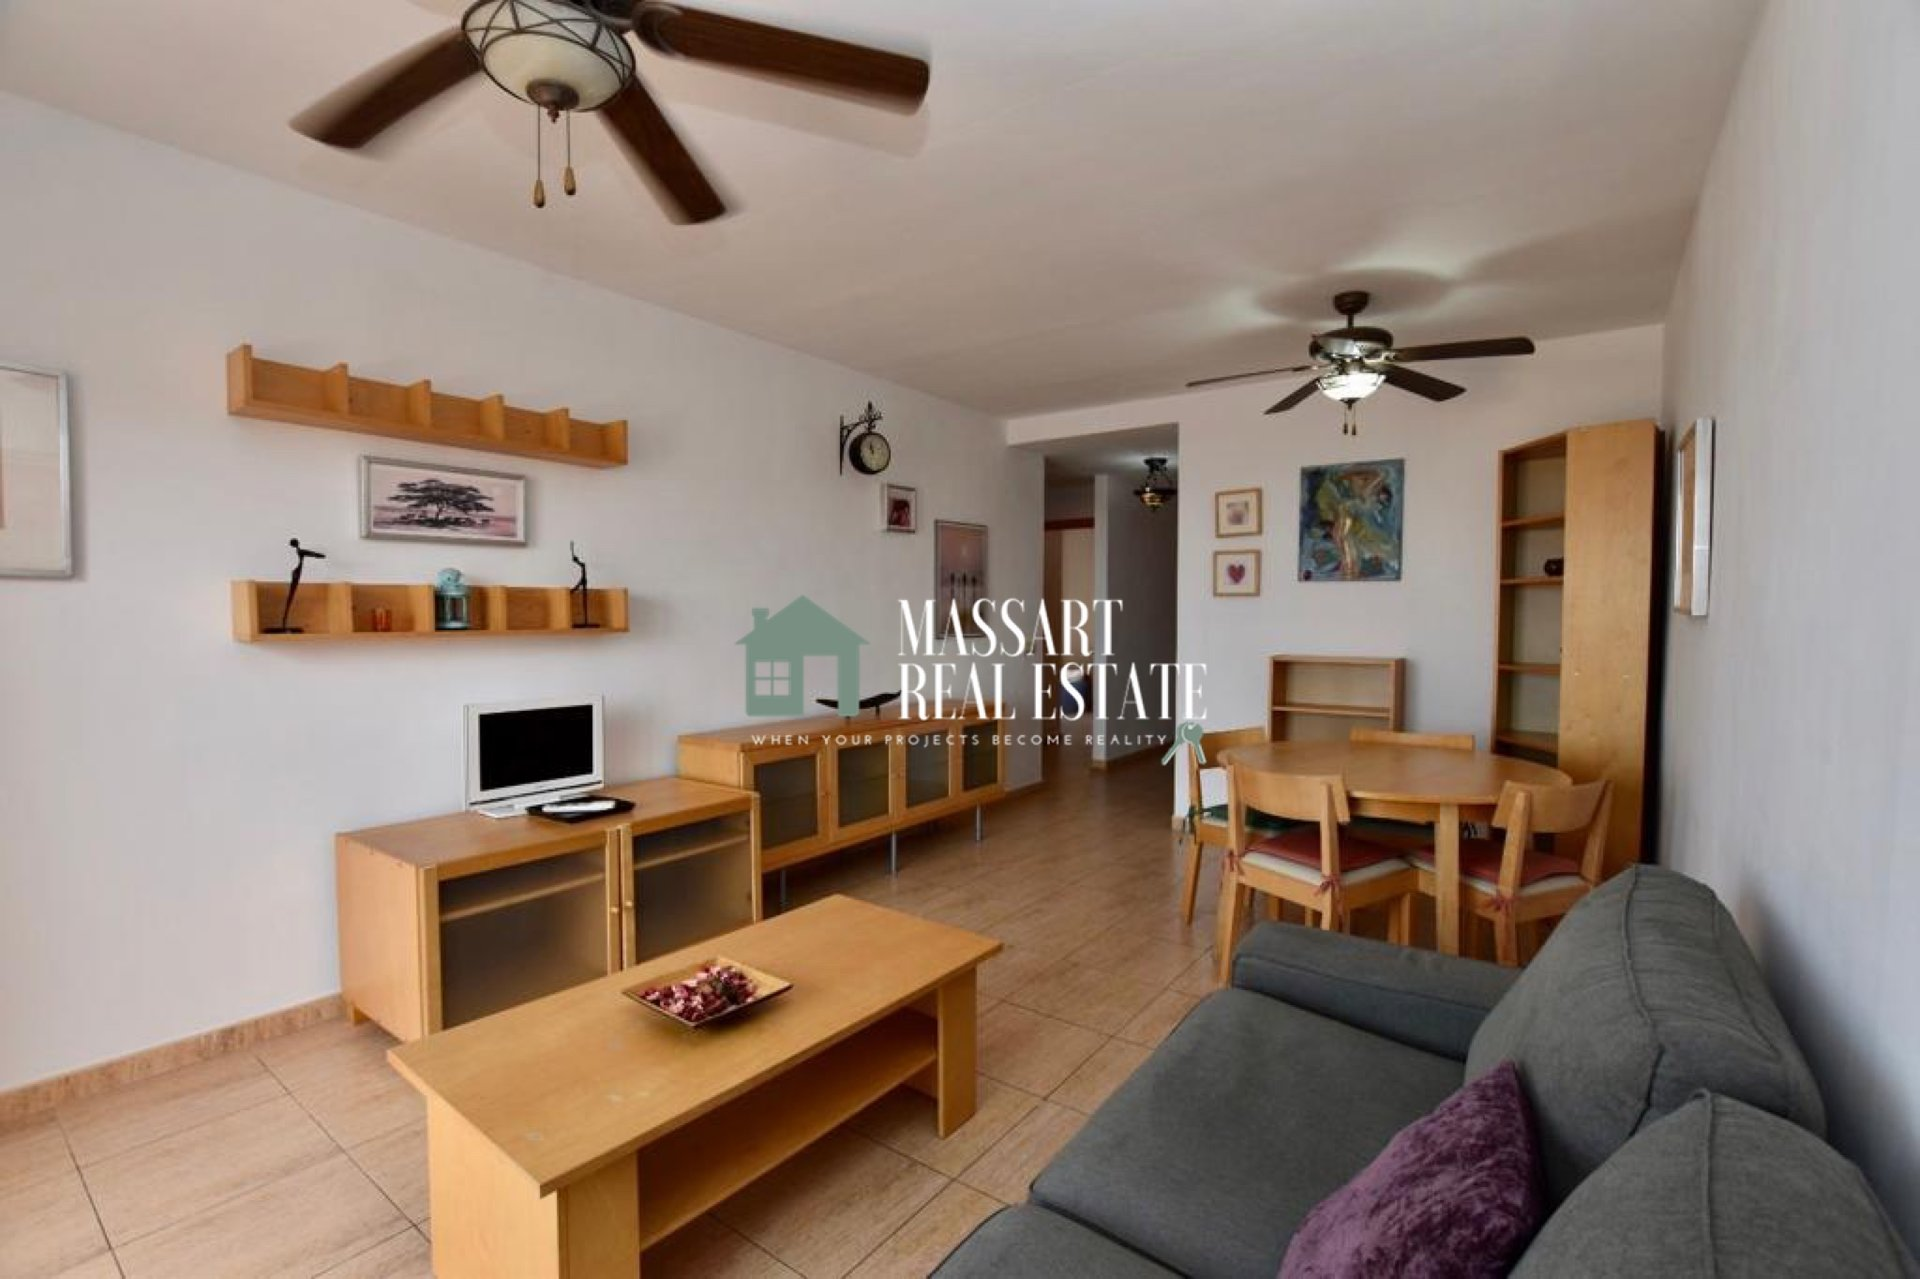 Te huur in de exclusieve wijk El Galeón (Adeje), gemeubileerd penthouse in zeer goede staat.